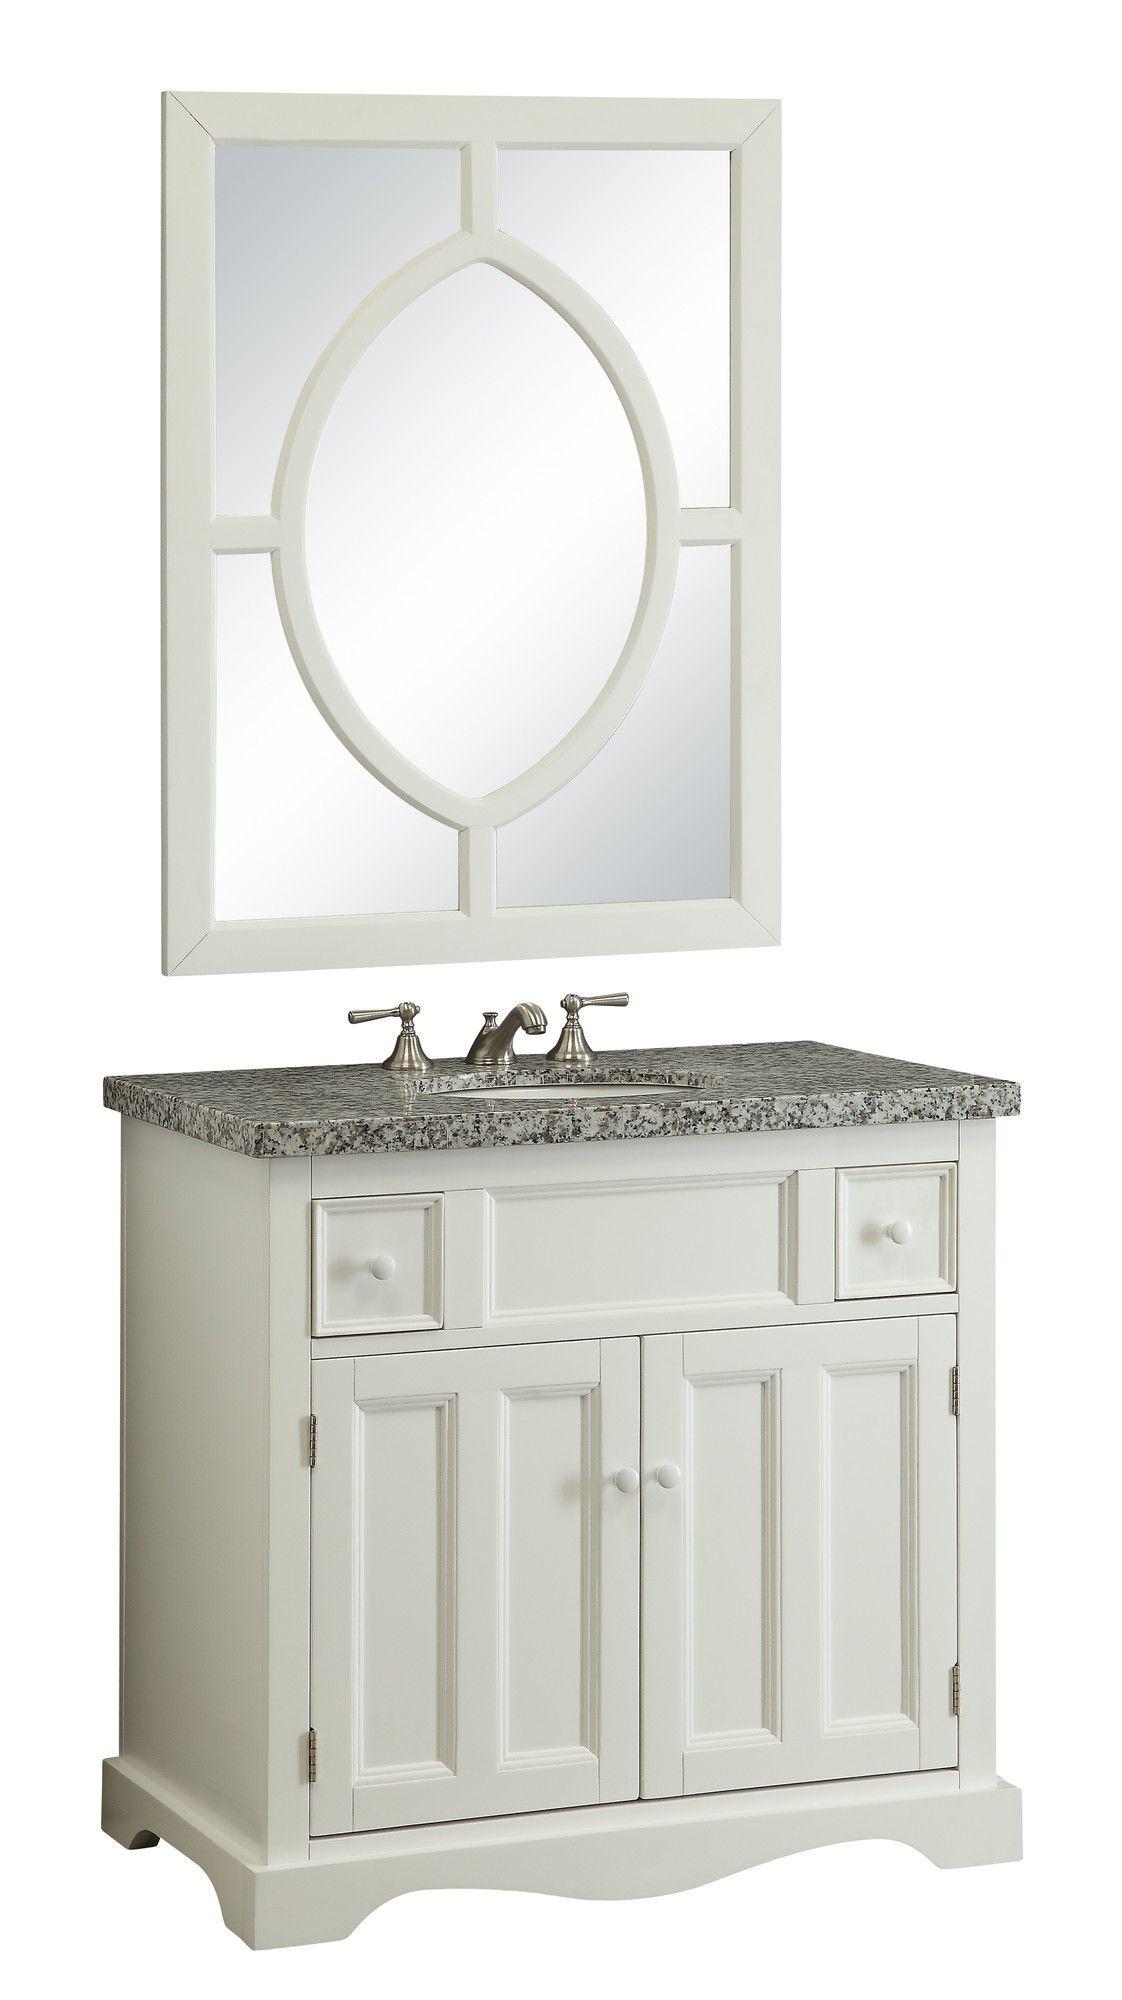 Morton 35 Bathroom Vanity Set With Mirror Bathroom Vanity Storage Bathroom Vanity Bathroom Sink Design